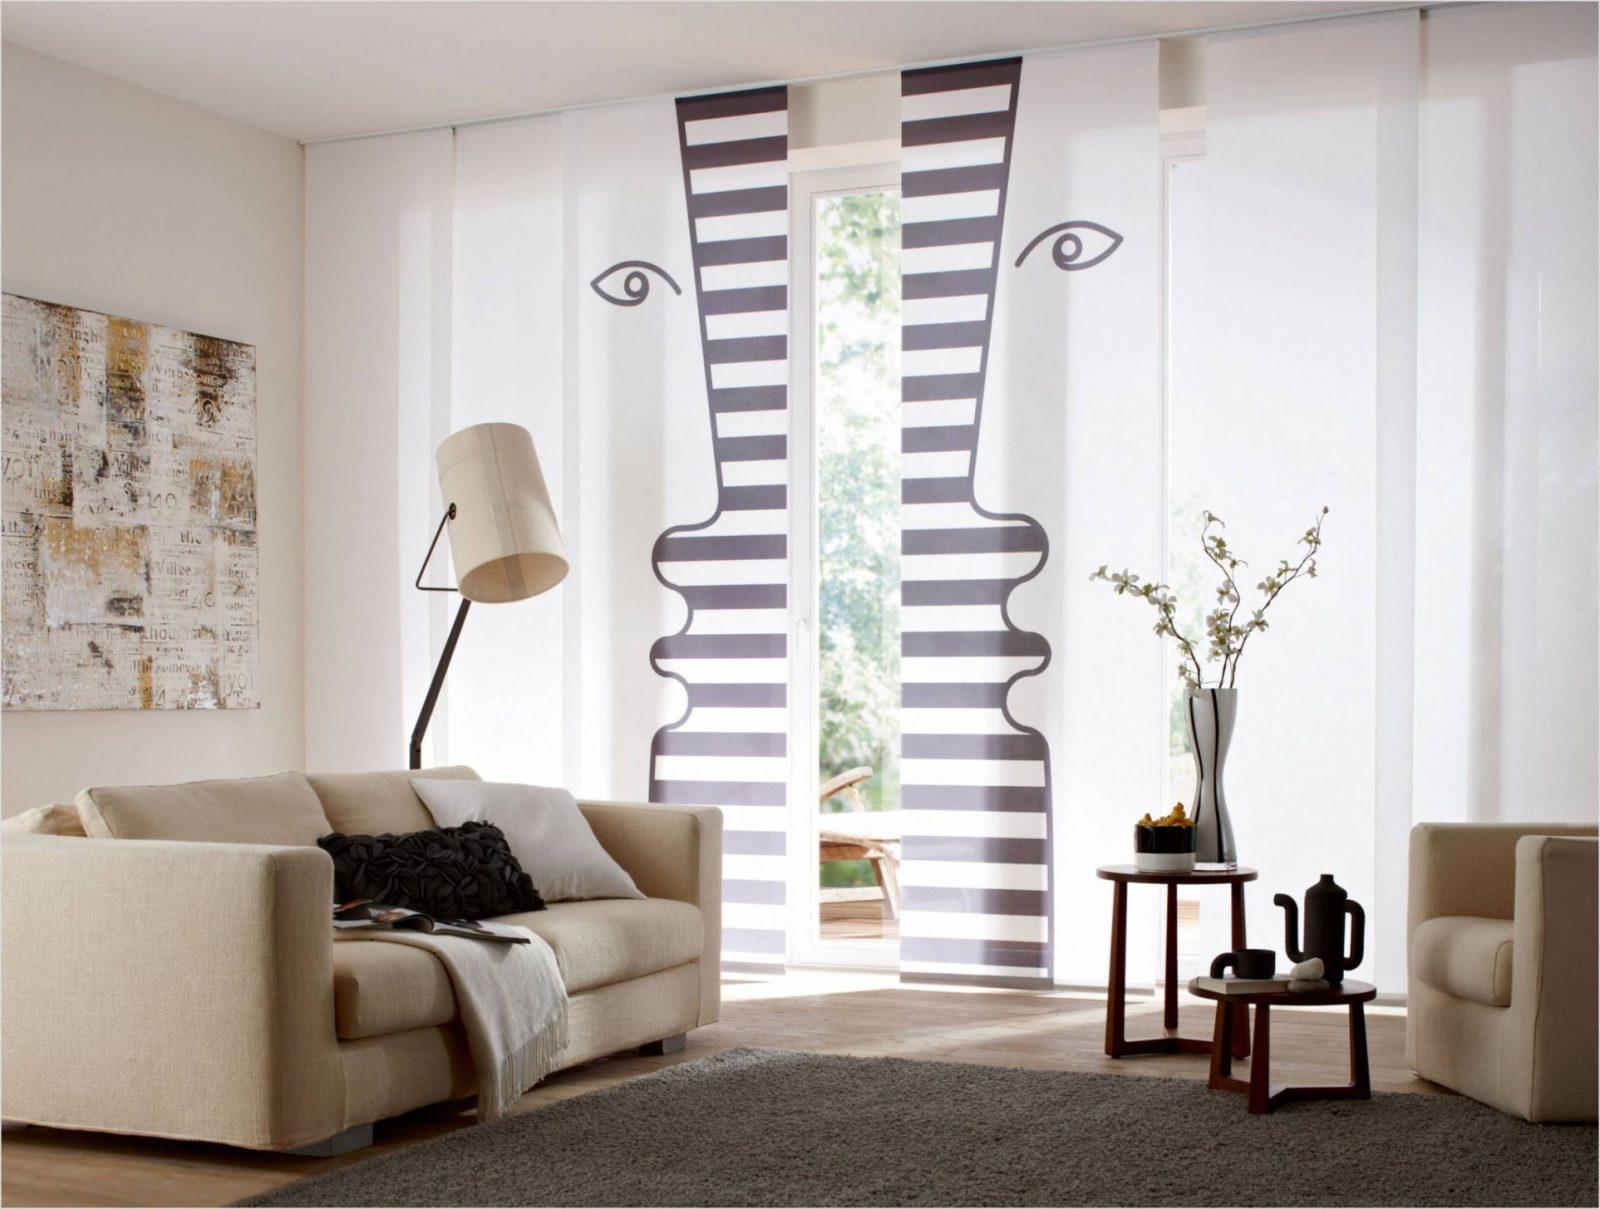 Best Of Vorhänge Für Wohnzimmer Ideen Concept von Schlafzimmer Vorhänge Ideen Bild